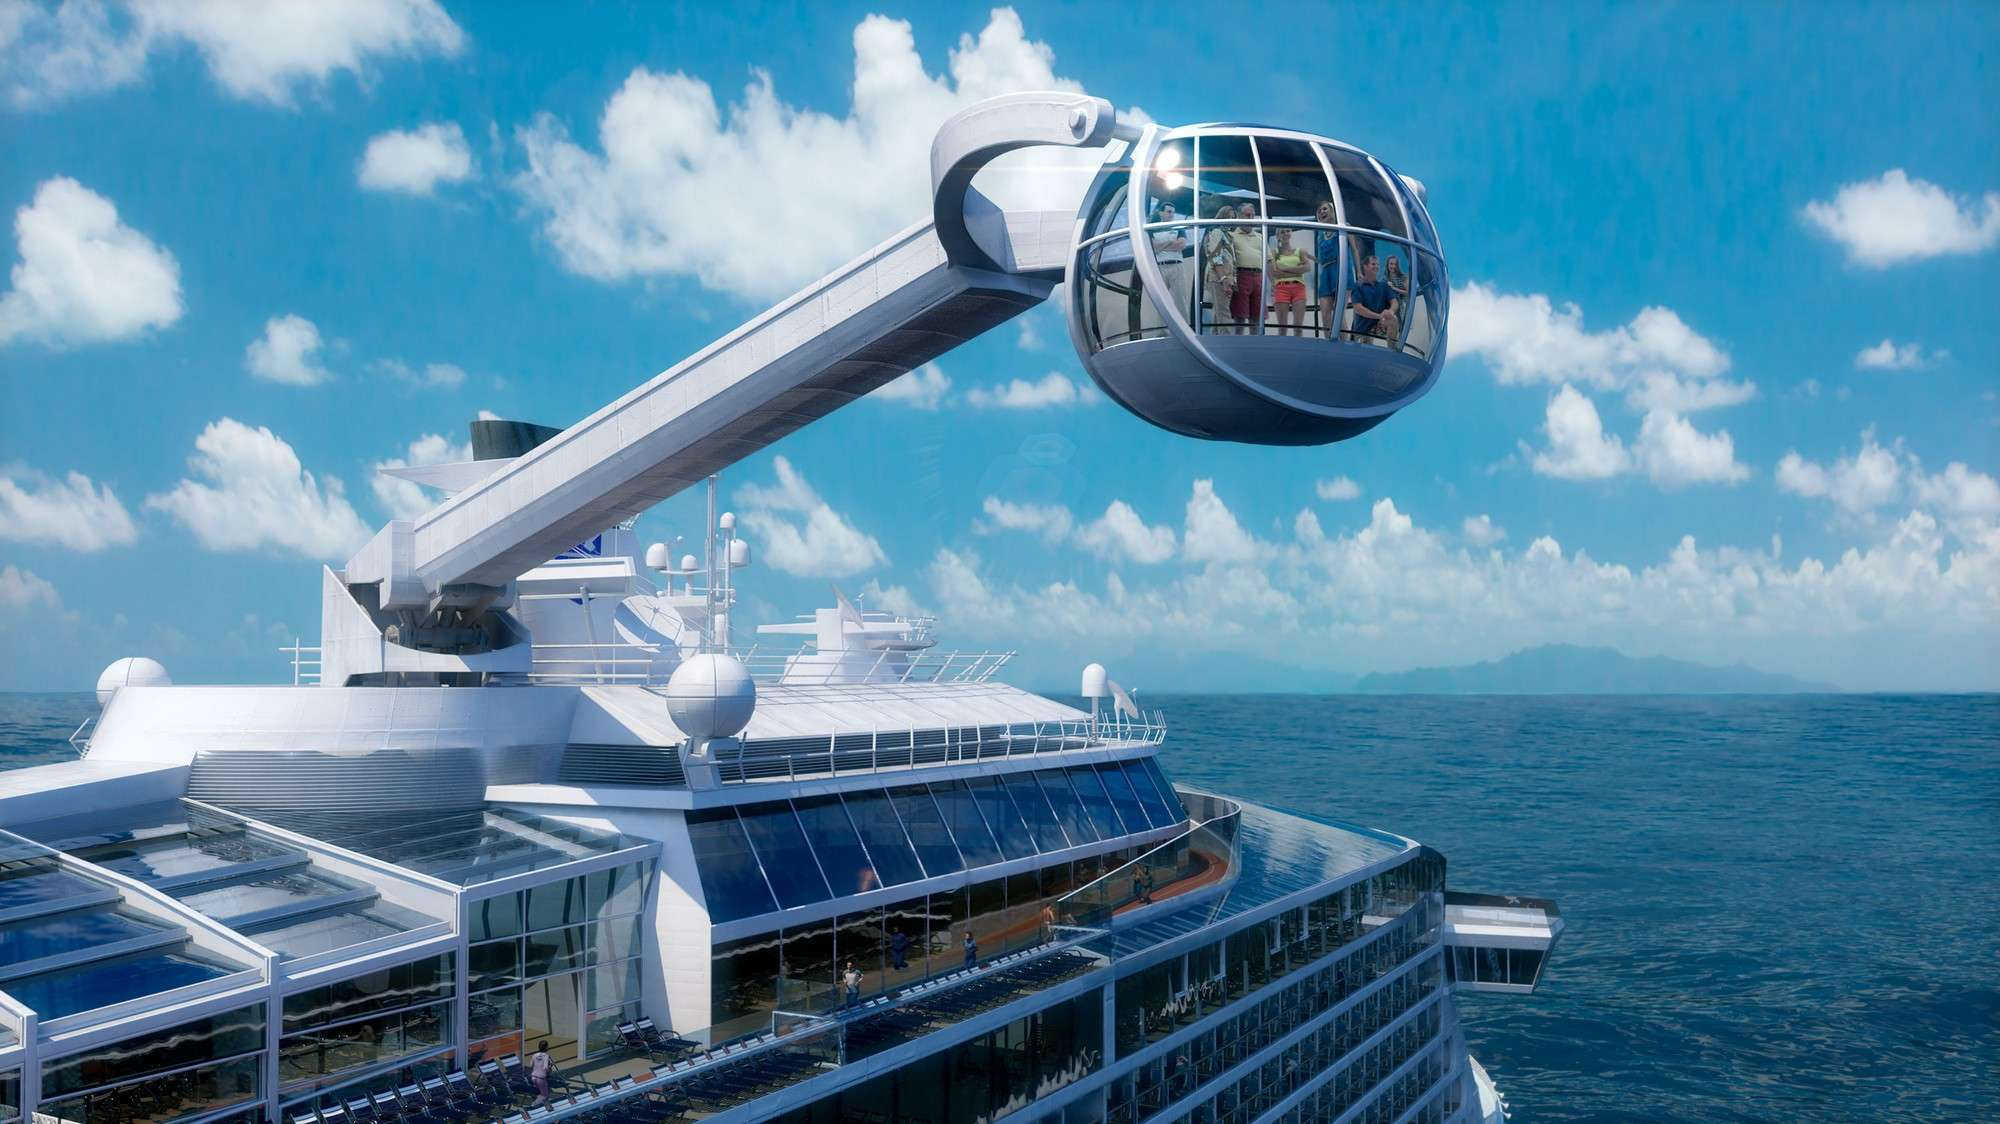 North Star - Outra atração de tirar o fôlego é o North Star. Nele os hóspedes serão erguidos em uma cápsula de vidro em formato de joia em um passeio a mais de 270 metros acima do mar, tanto por cima do deck, quanto pelas laterais do navio, com uma vista de 360º Foto: Royal Caribbean International/Divulgação